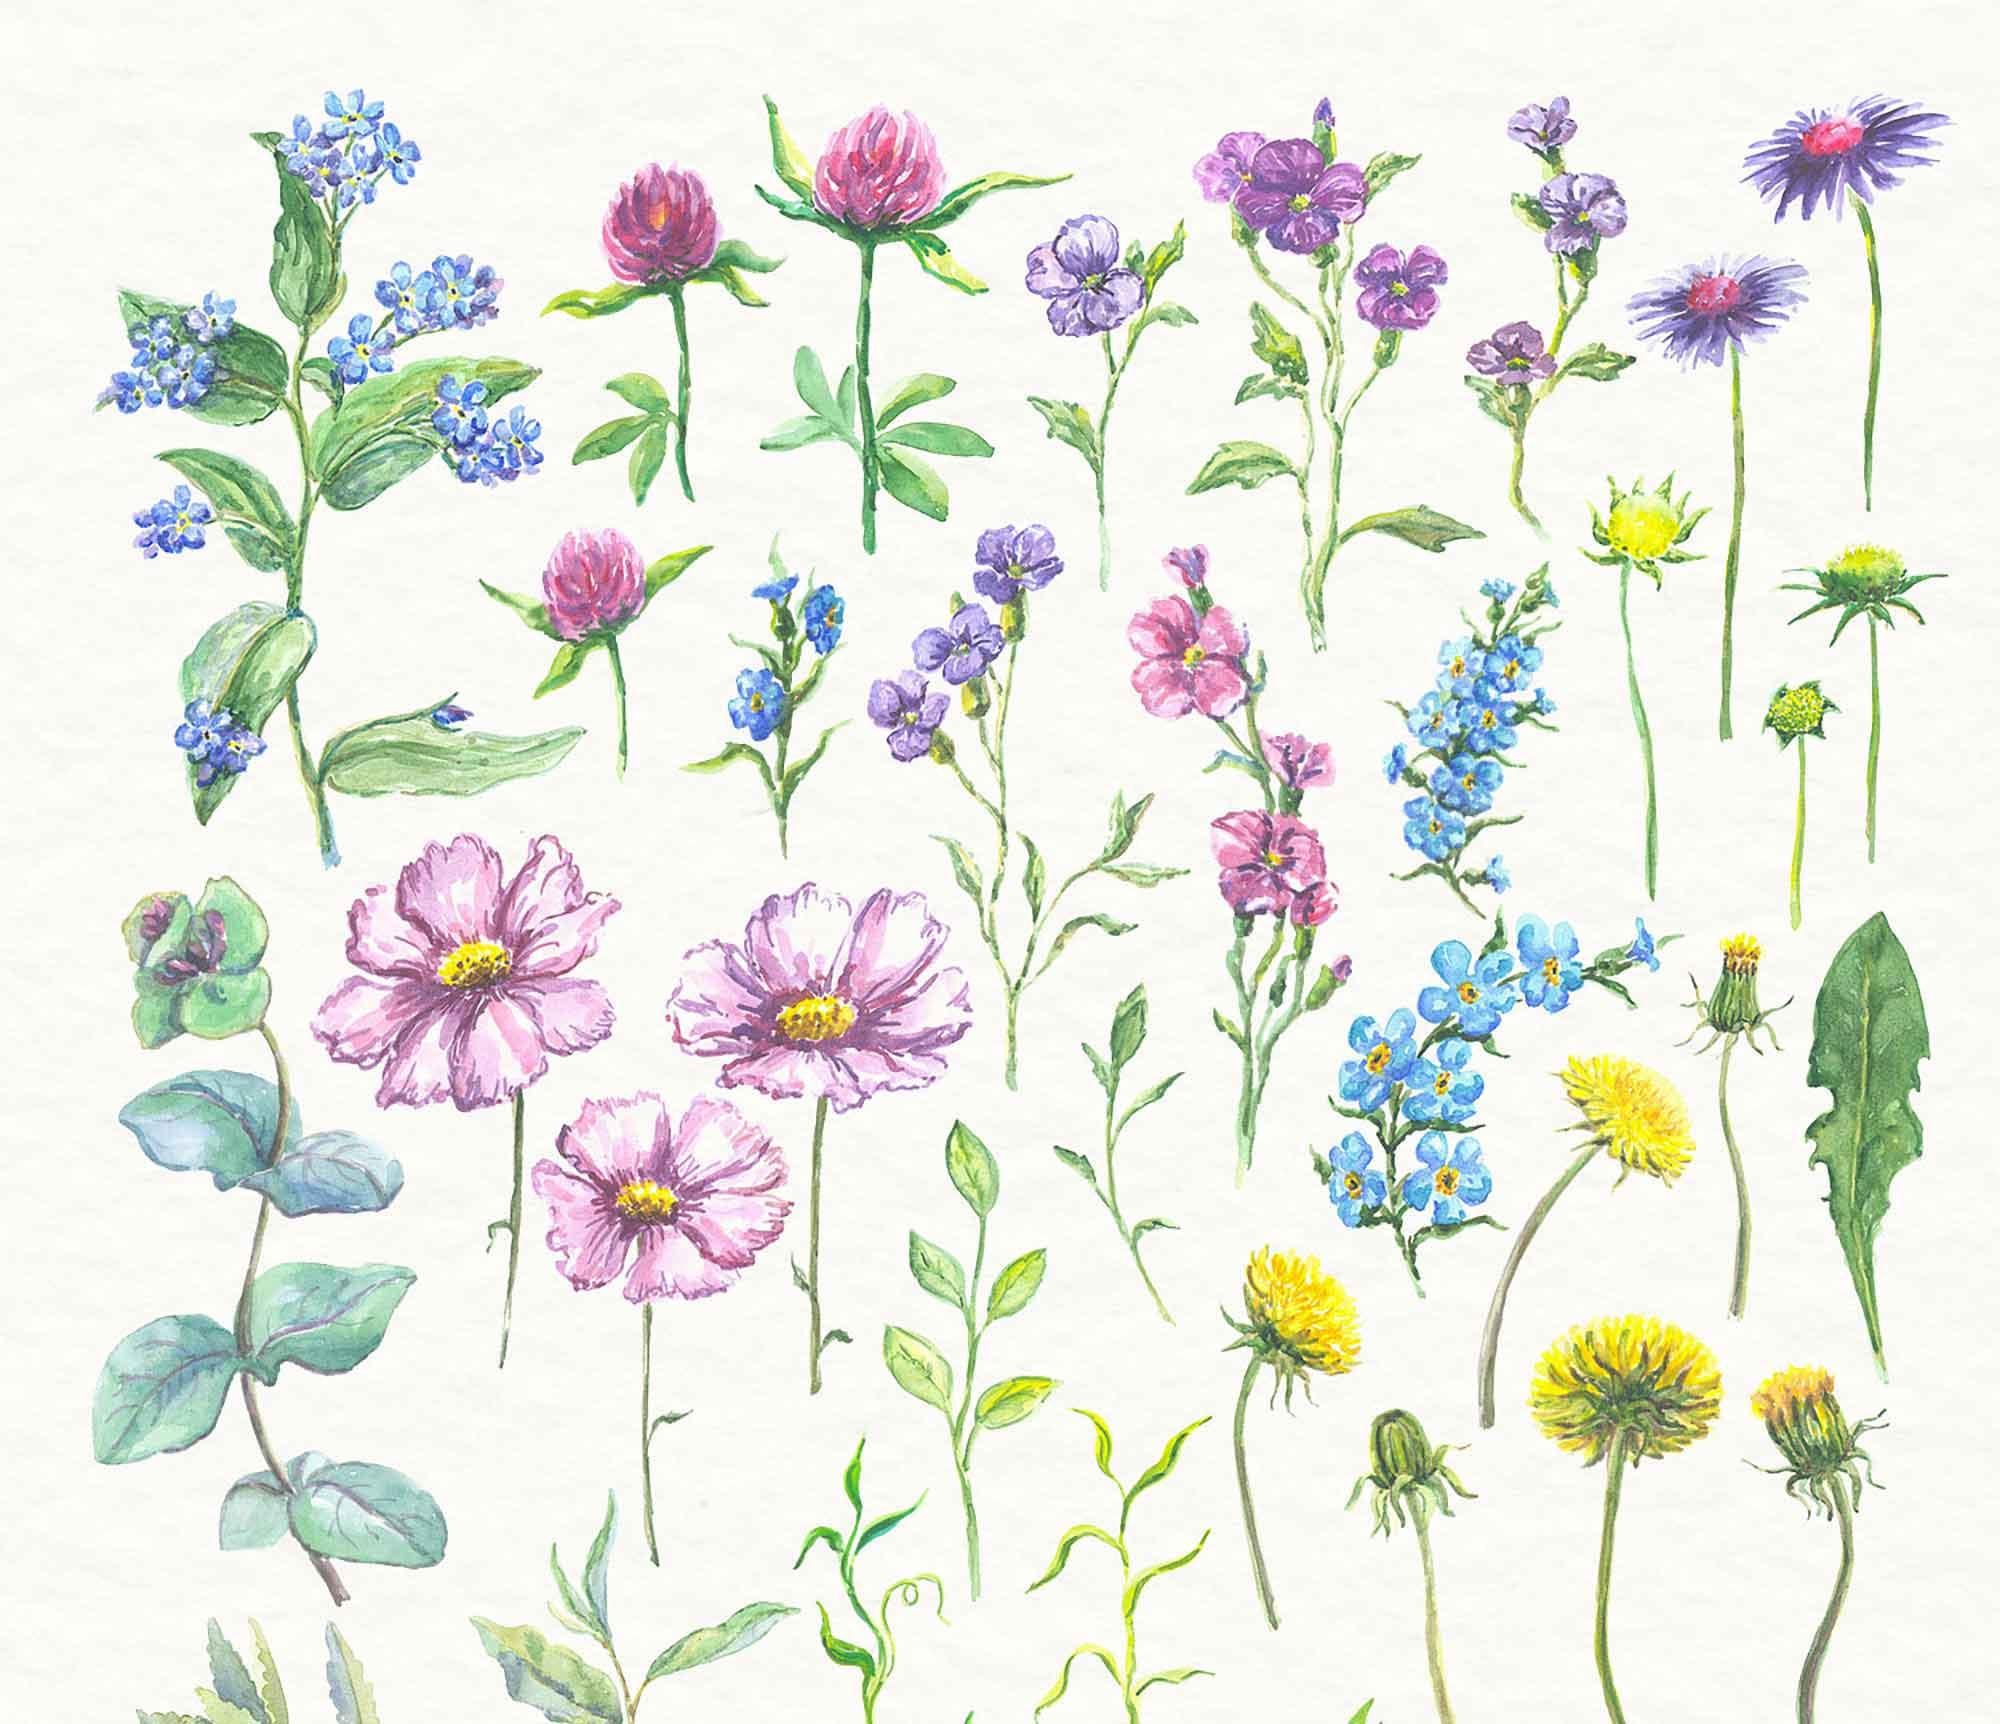 Watercolor Floral Elements 1